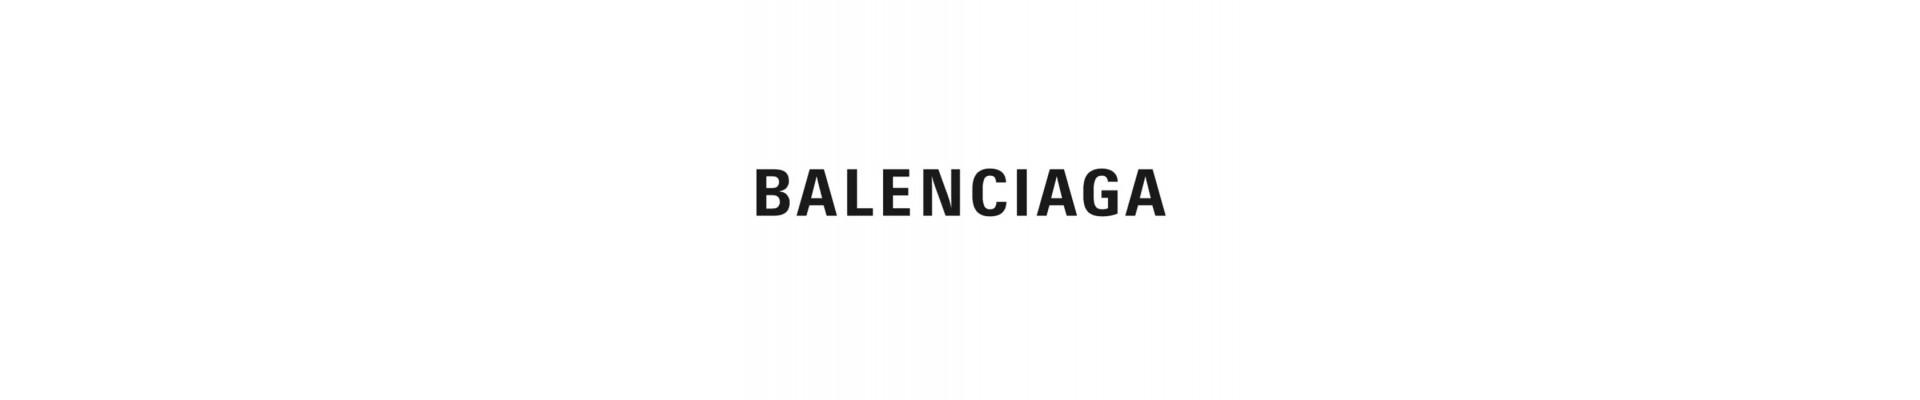 Disponibles las Balenciaga en Calza Tendencias  |Envío GRATIS|